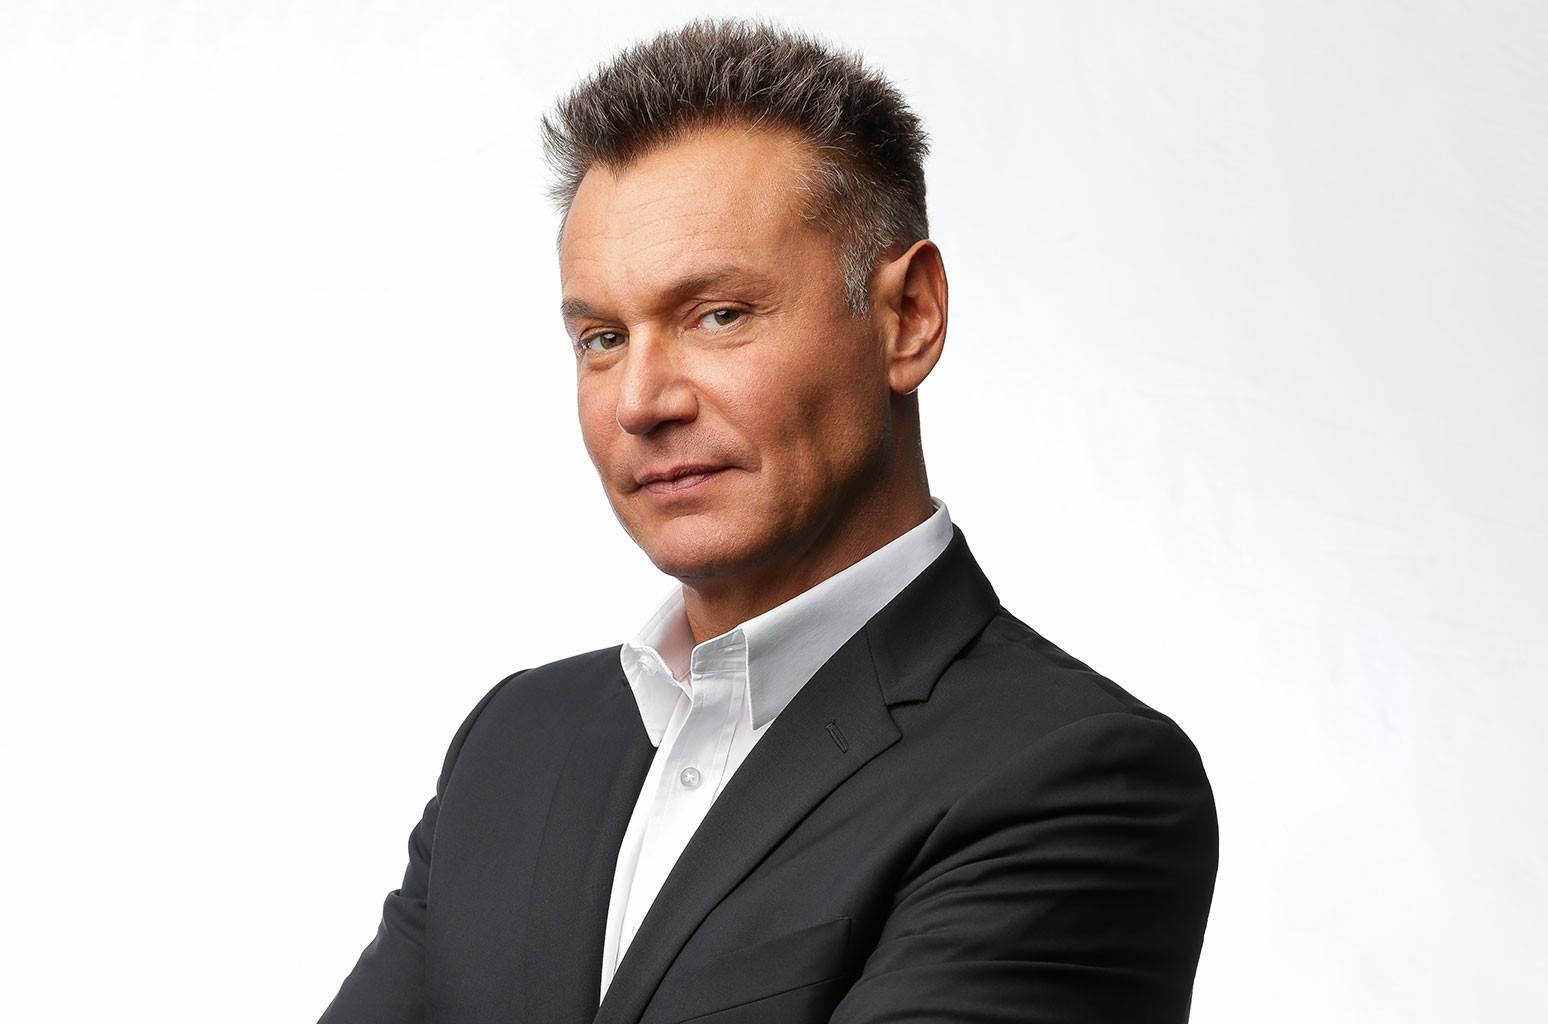 Walter Kolm